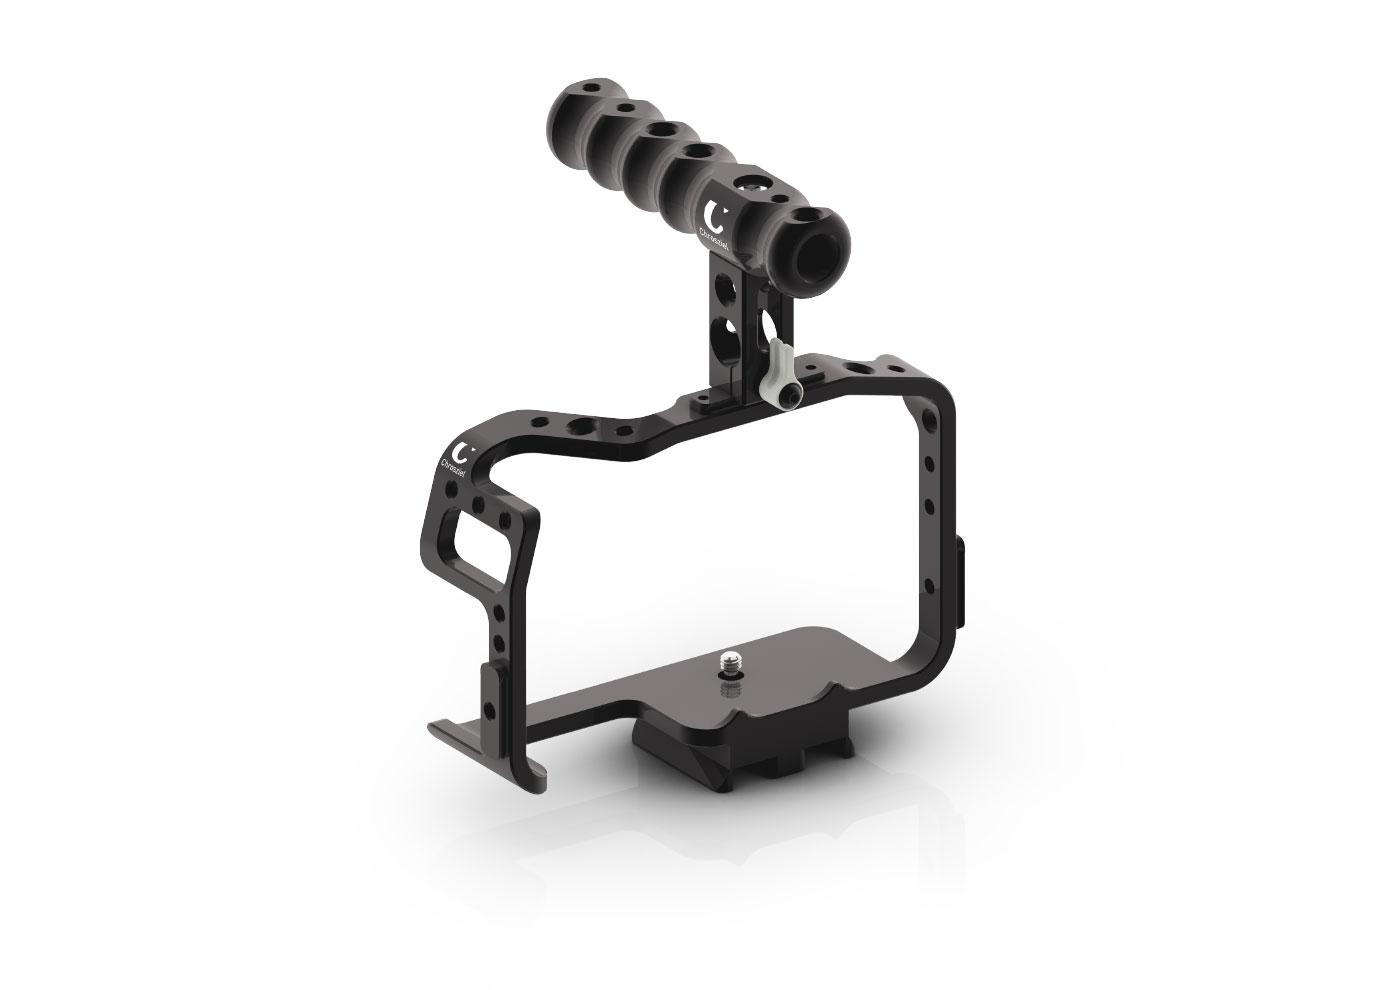 Chrosziel Kamera Cage mit Griff für Panasonic GH5